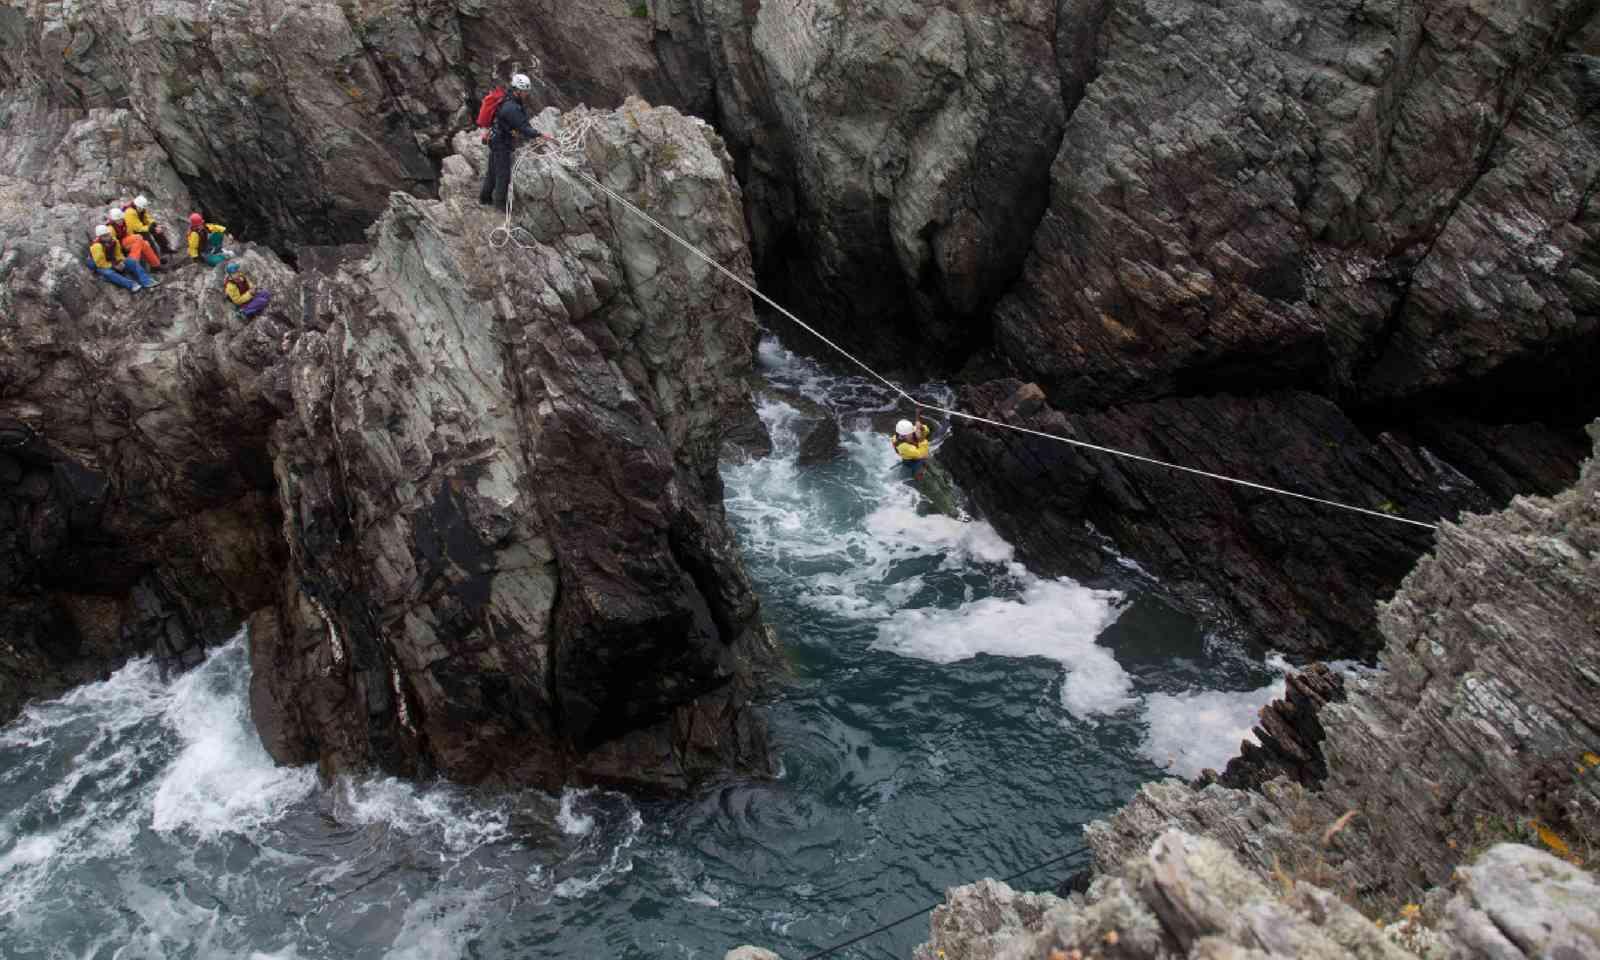 Coasteerers crossing across a gully (Shutterstock)